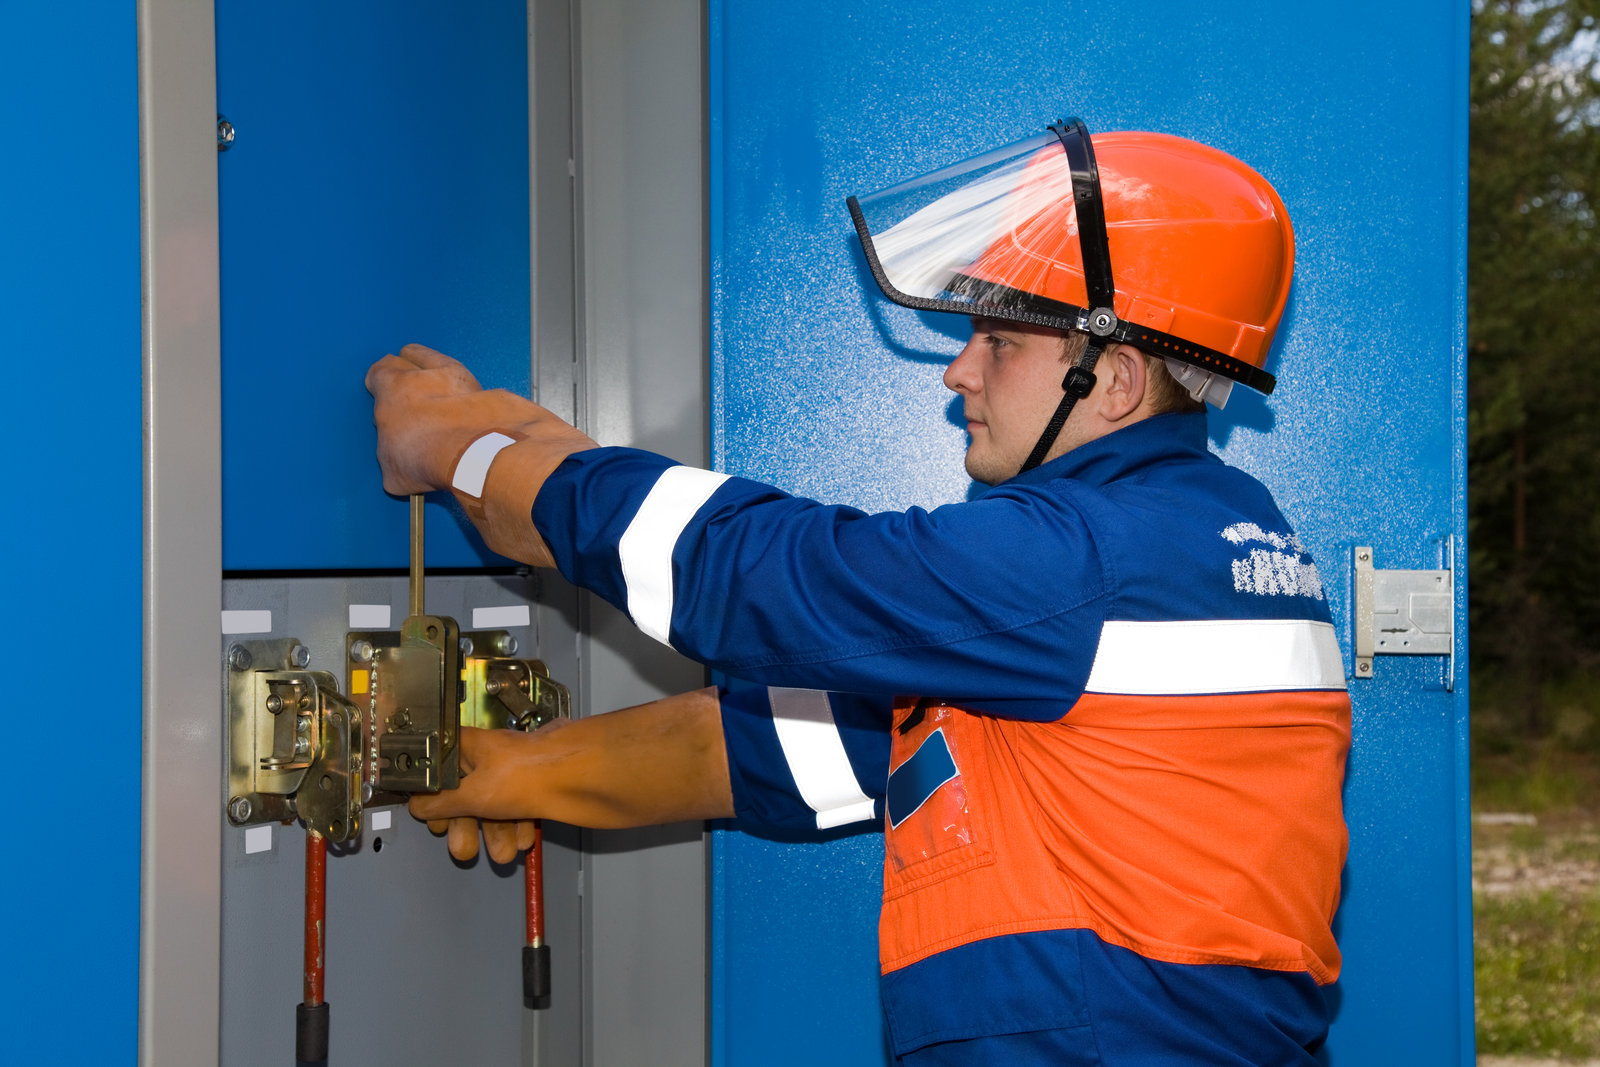 fehlerstromschutzschalter für frequenzumrichter